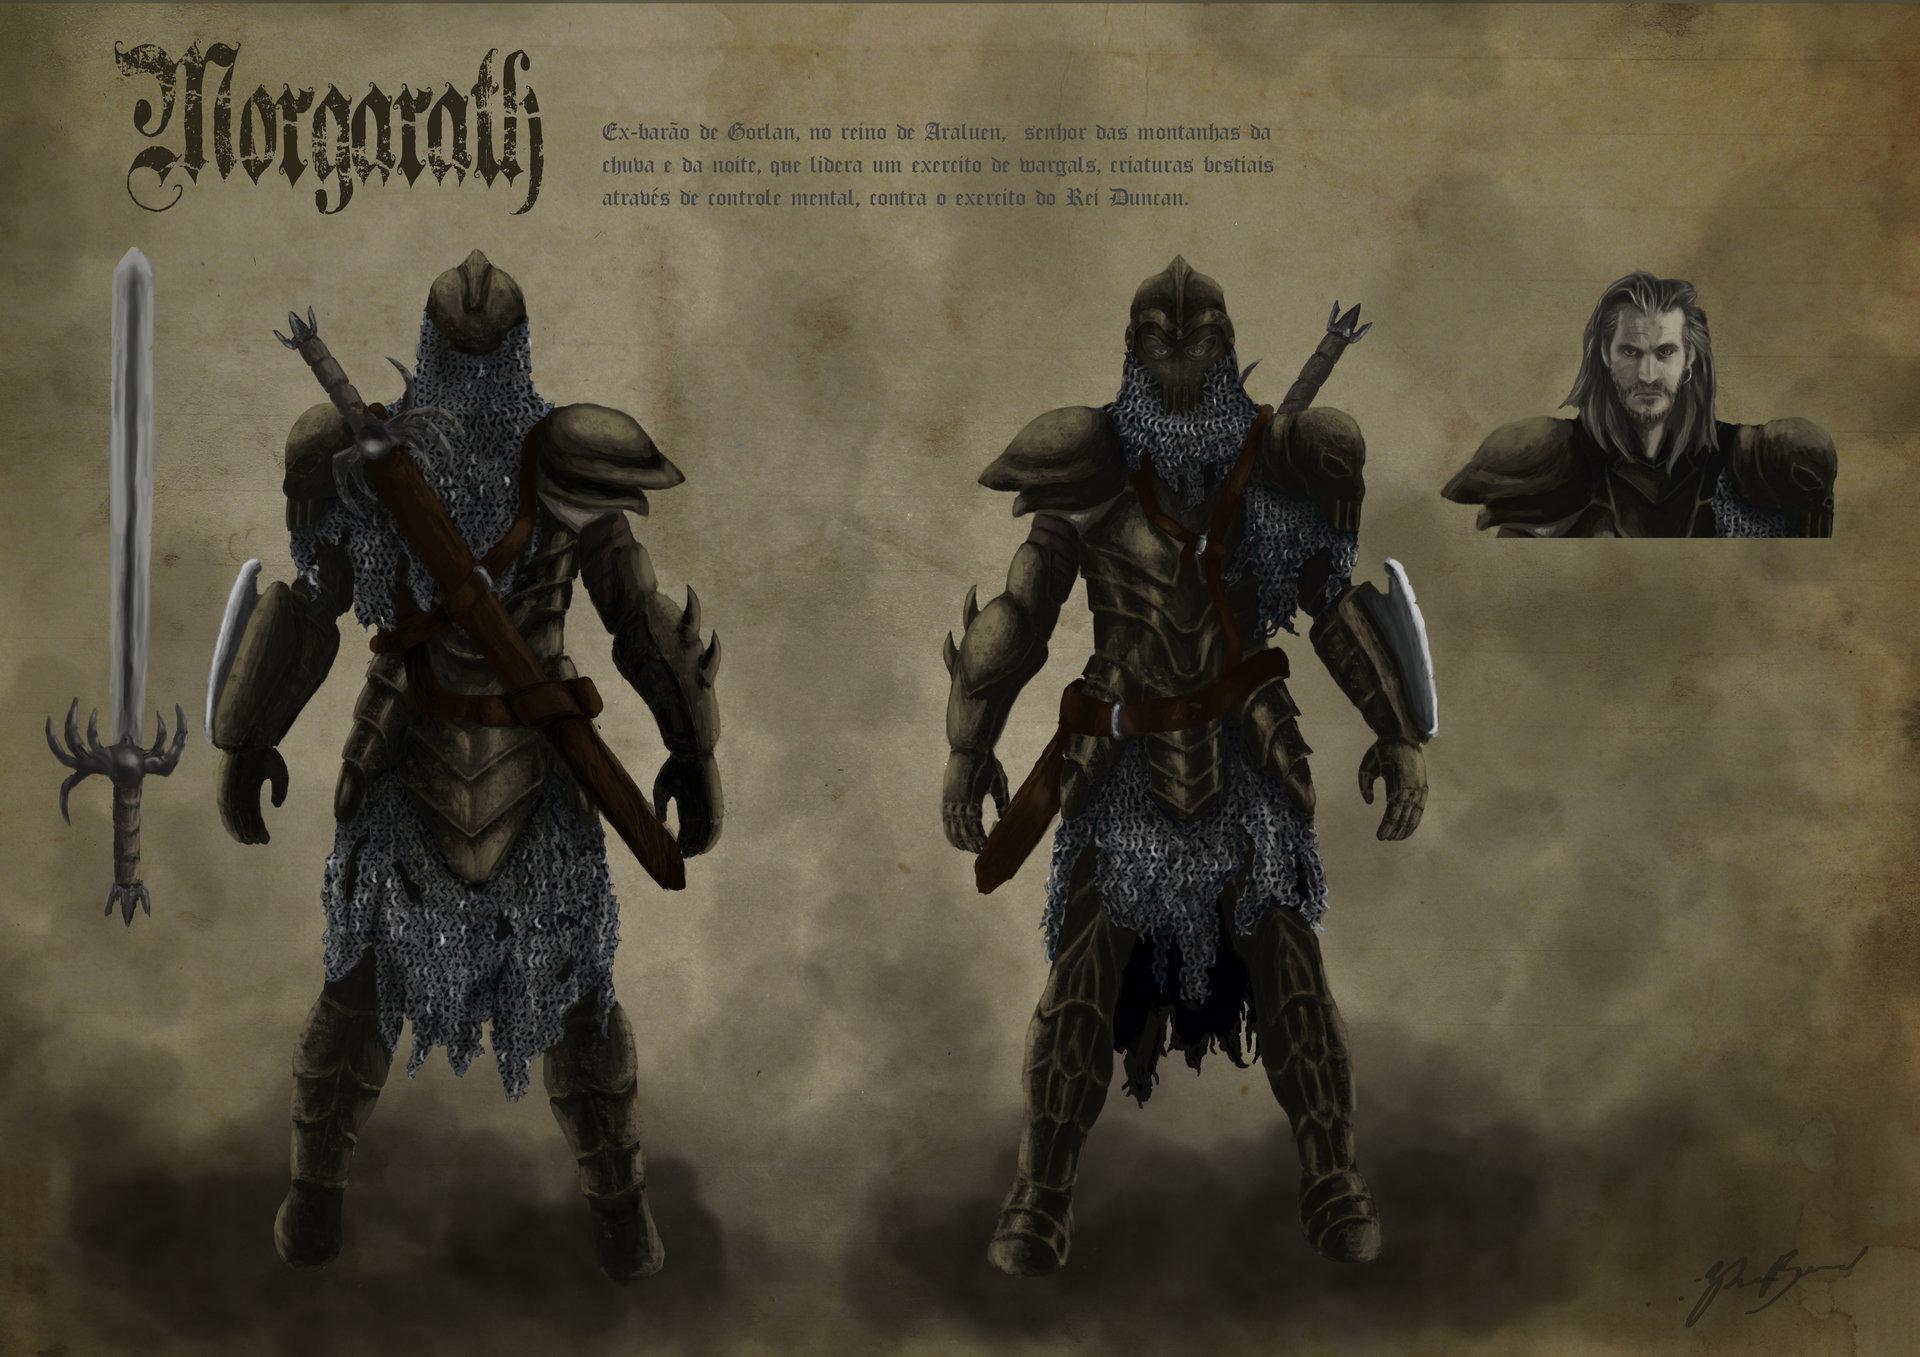 Morgarath